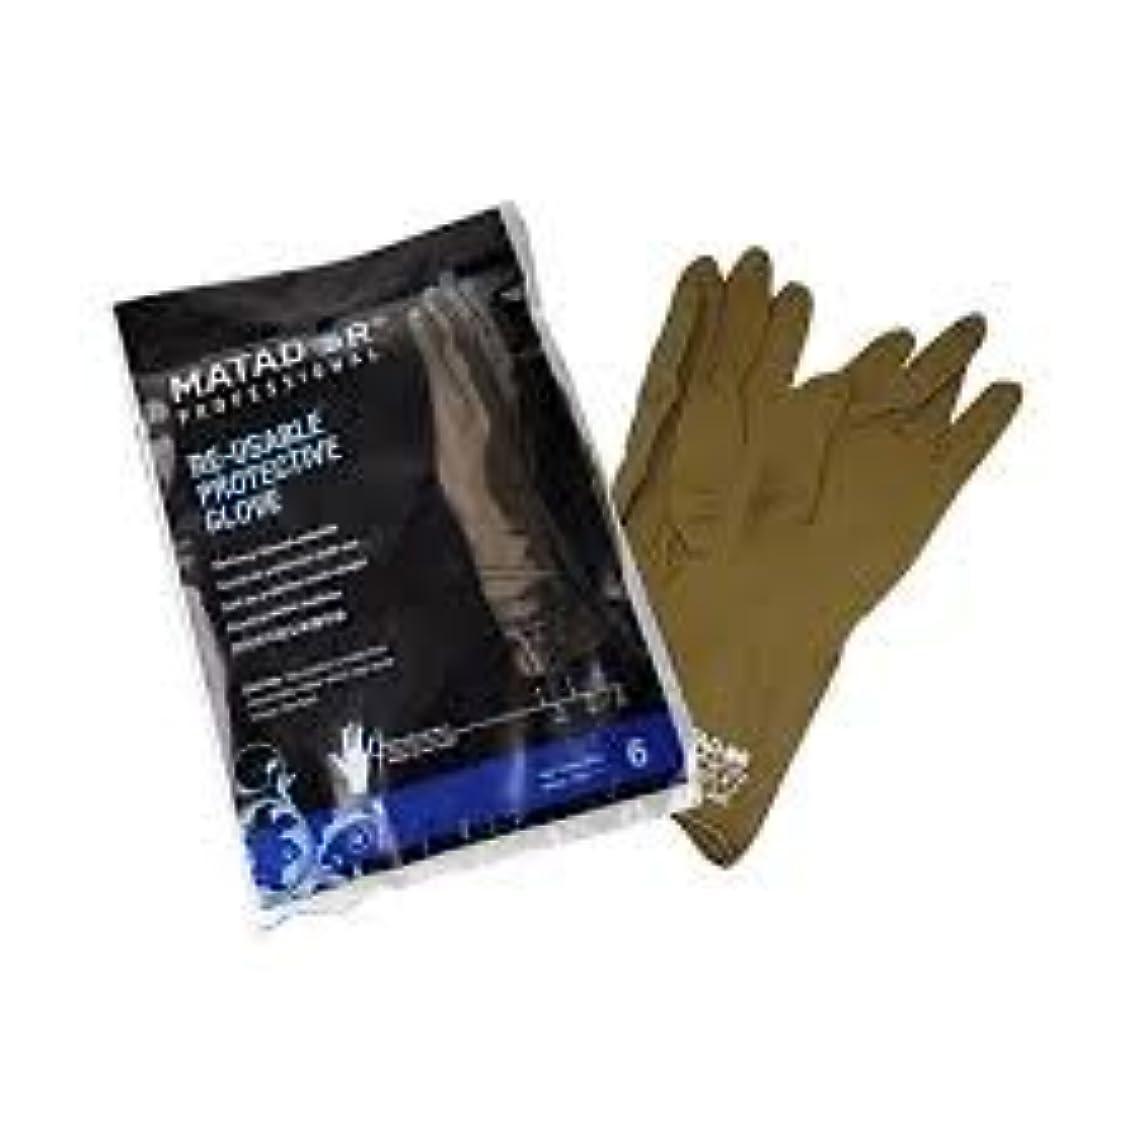 メッセージ心のこもった禁止するマタドールゴム手袋 6.0吋 【10個セット】